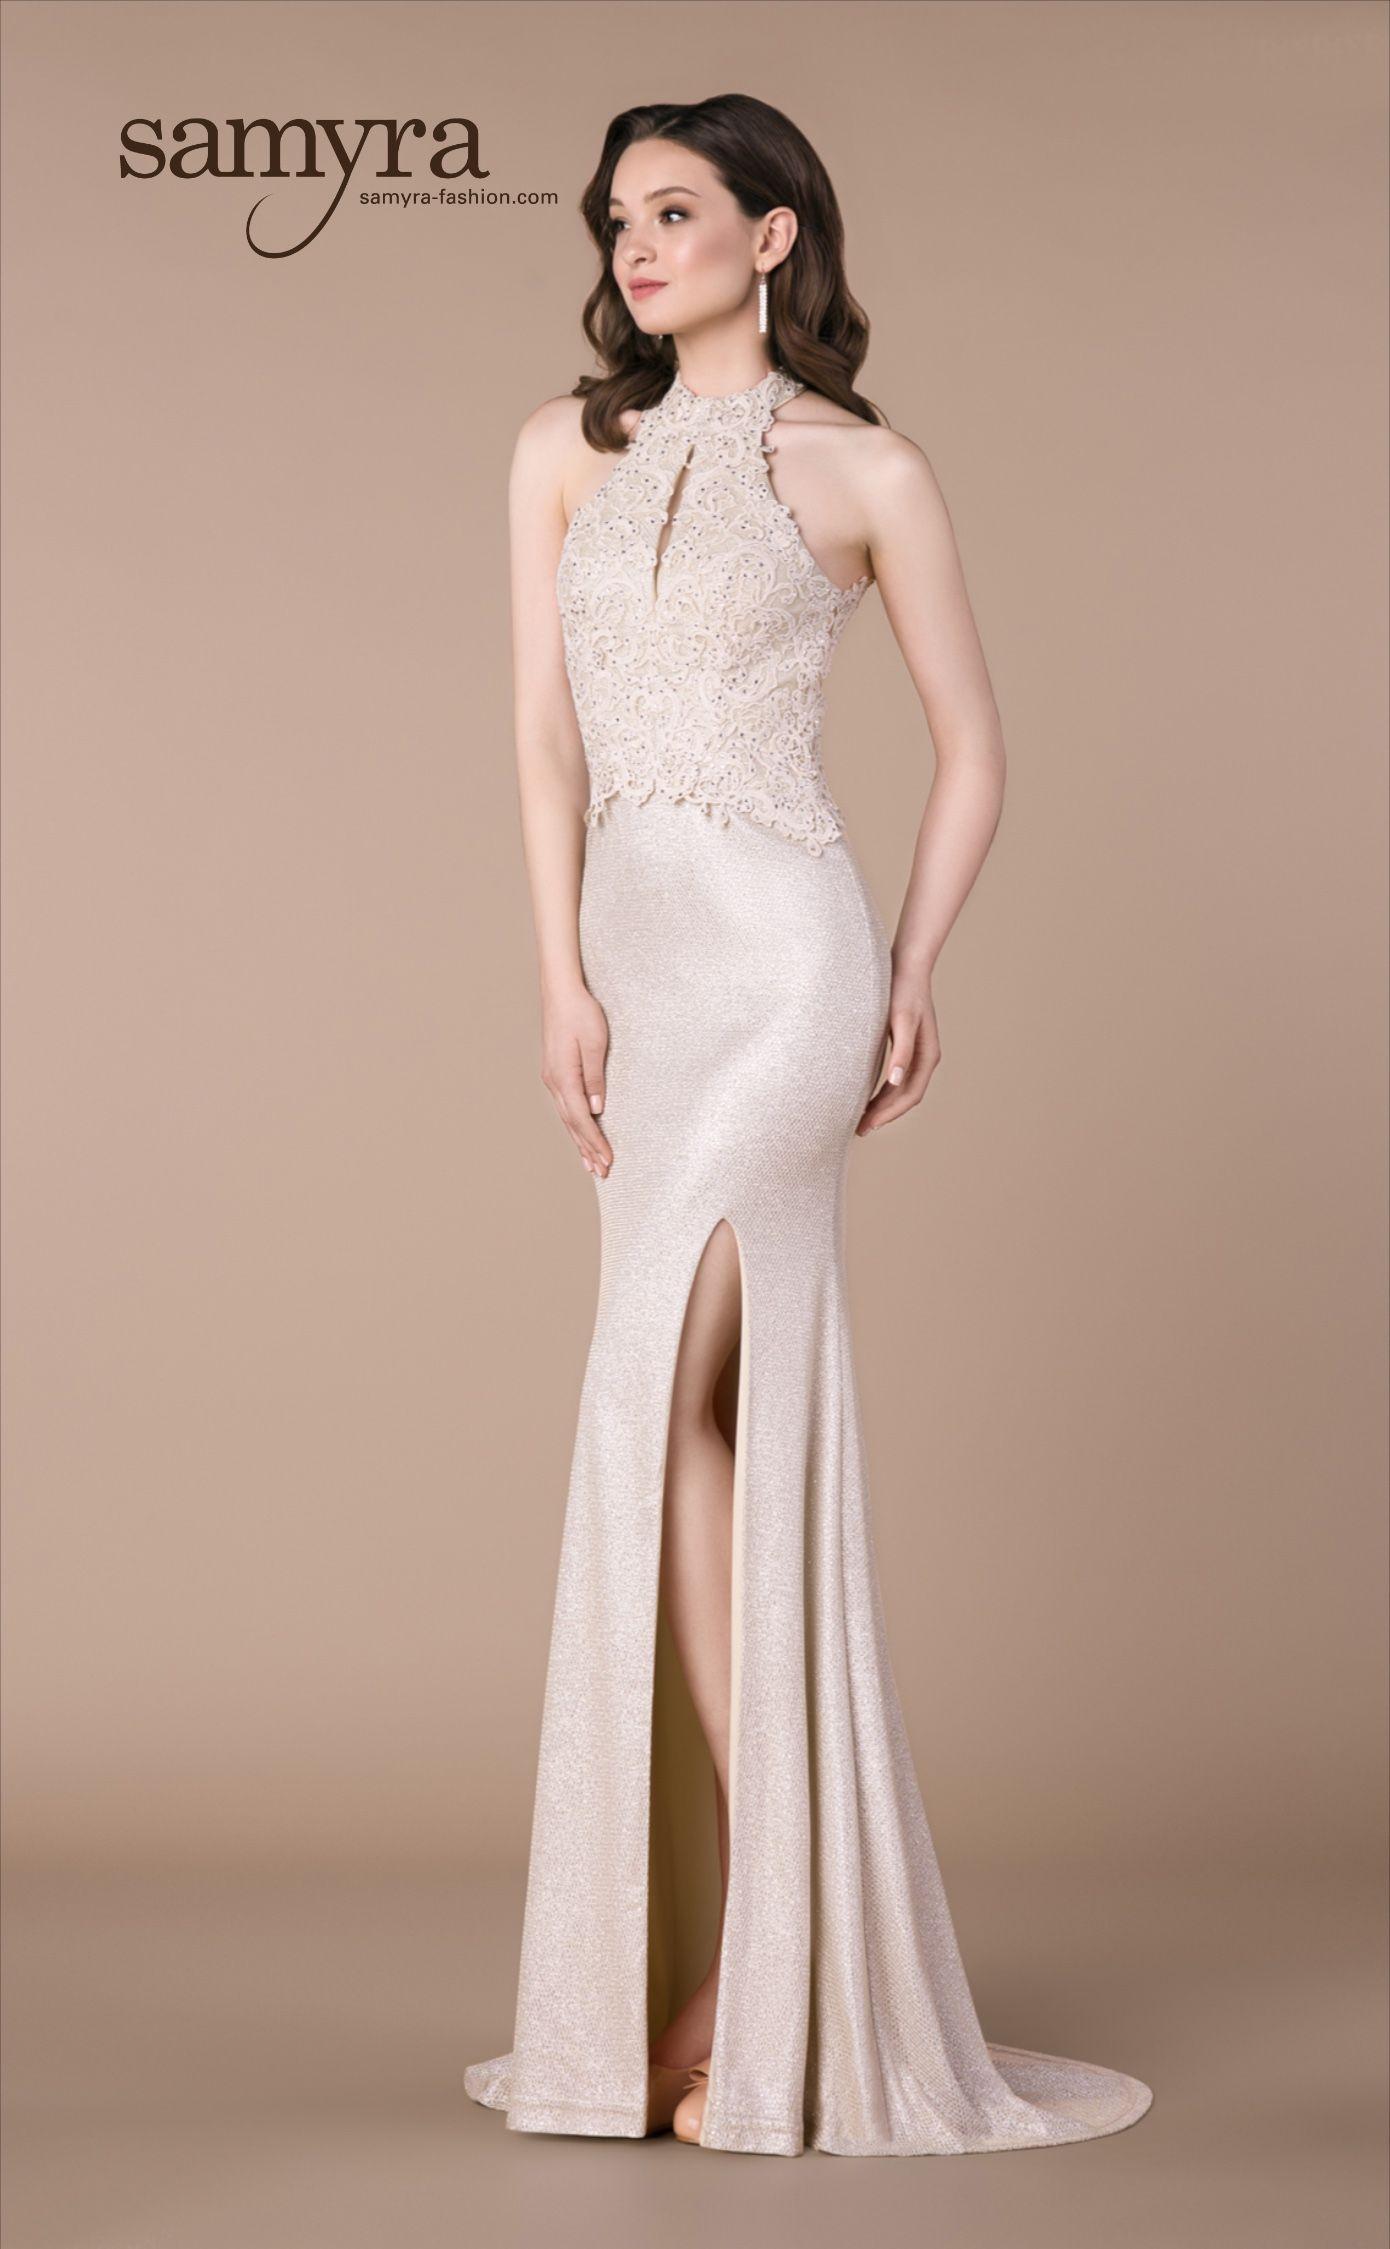 Traumhafte Abendkleider fürs Standesamt findest du bei Samyra